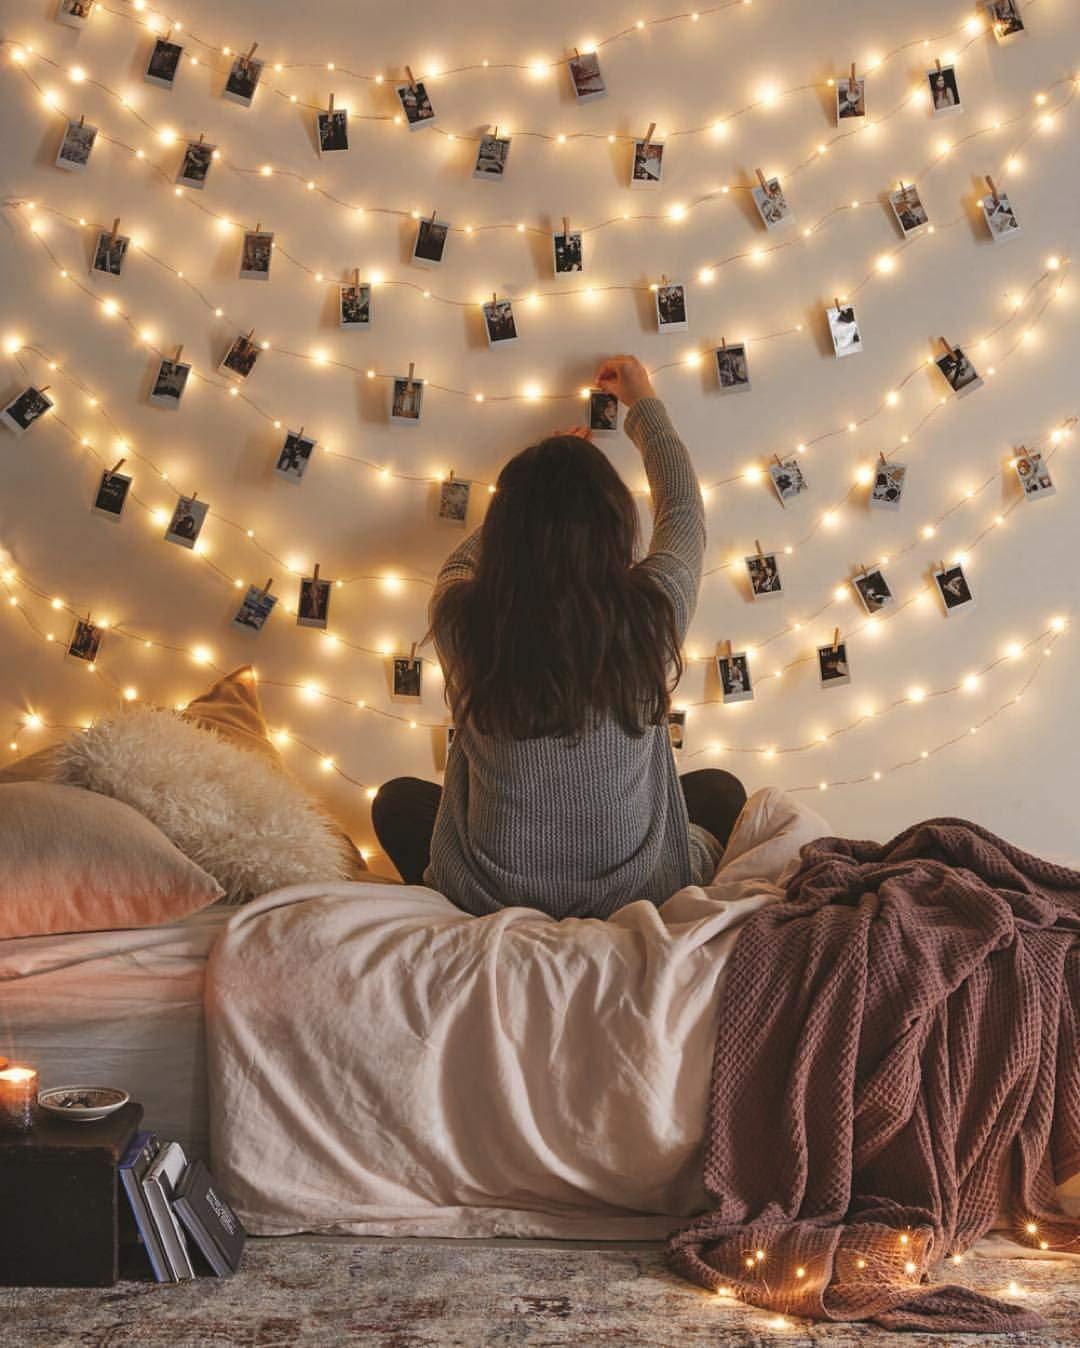 Led String Lights Fairy Lights For Bedroom Decorative Lights For